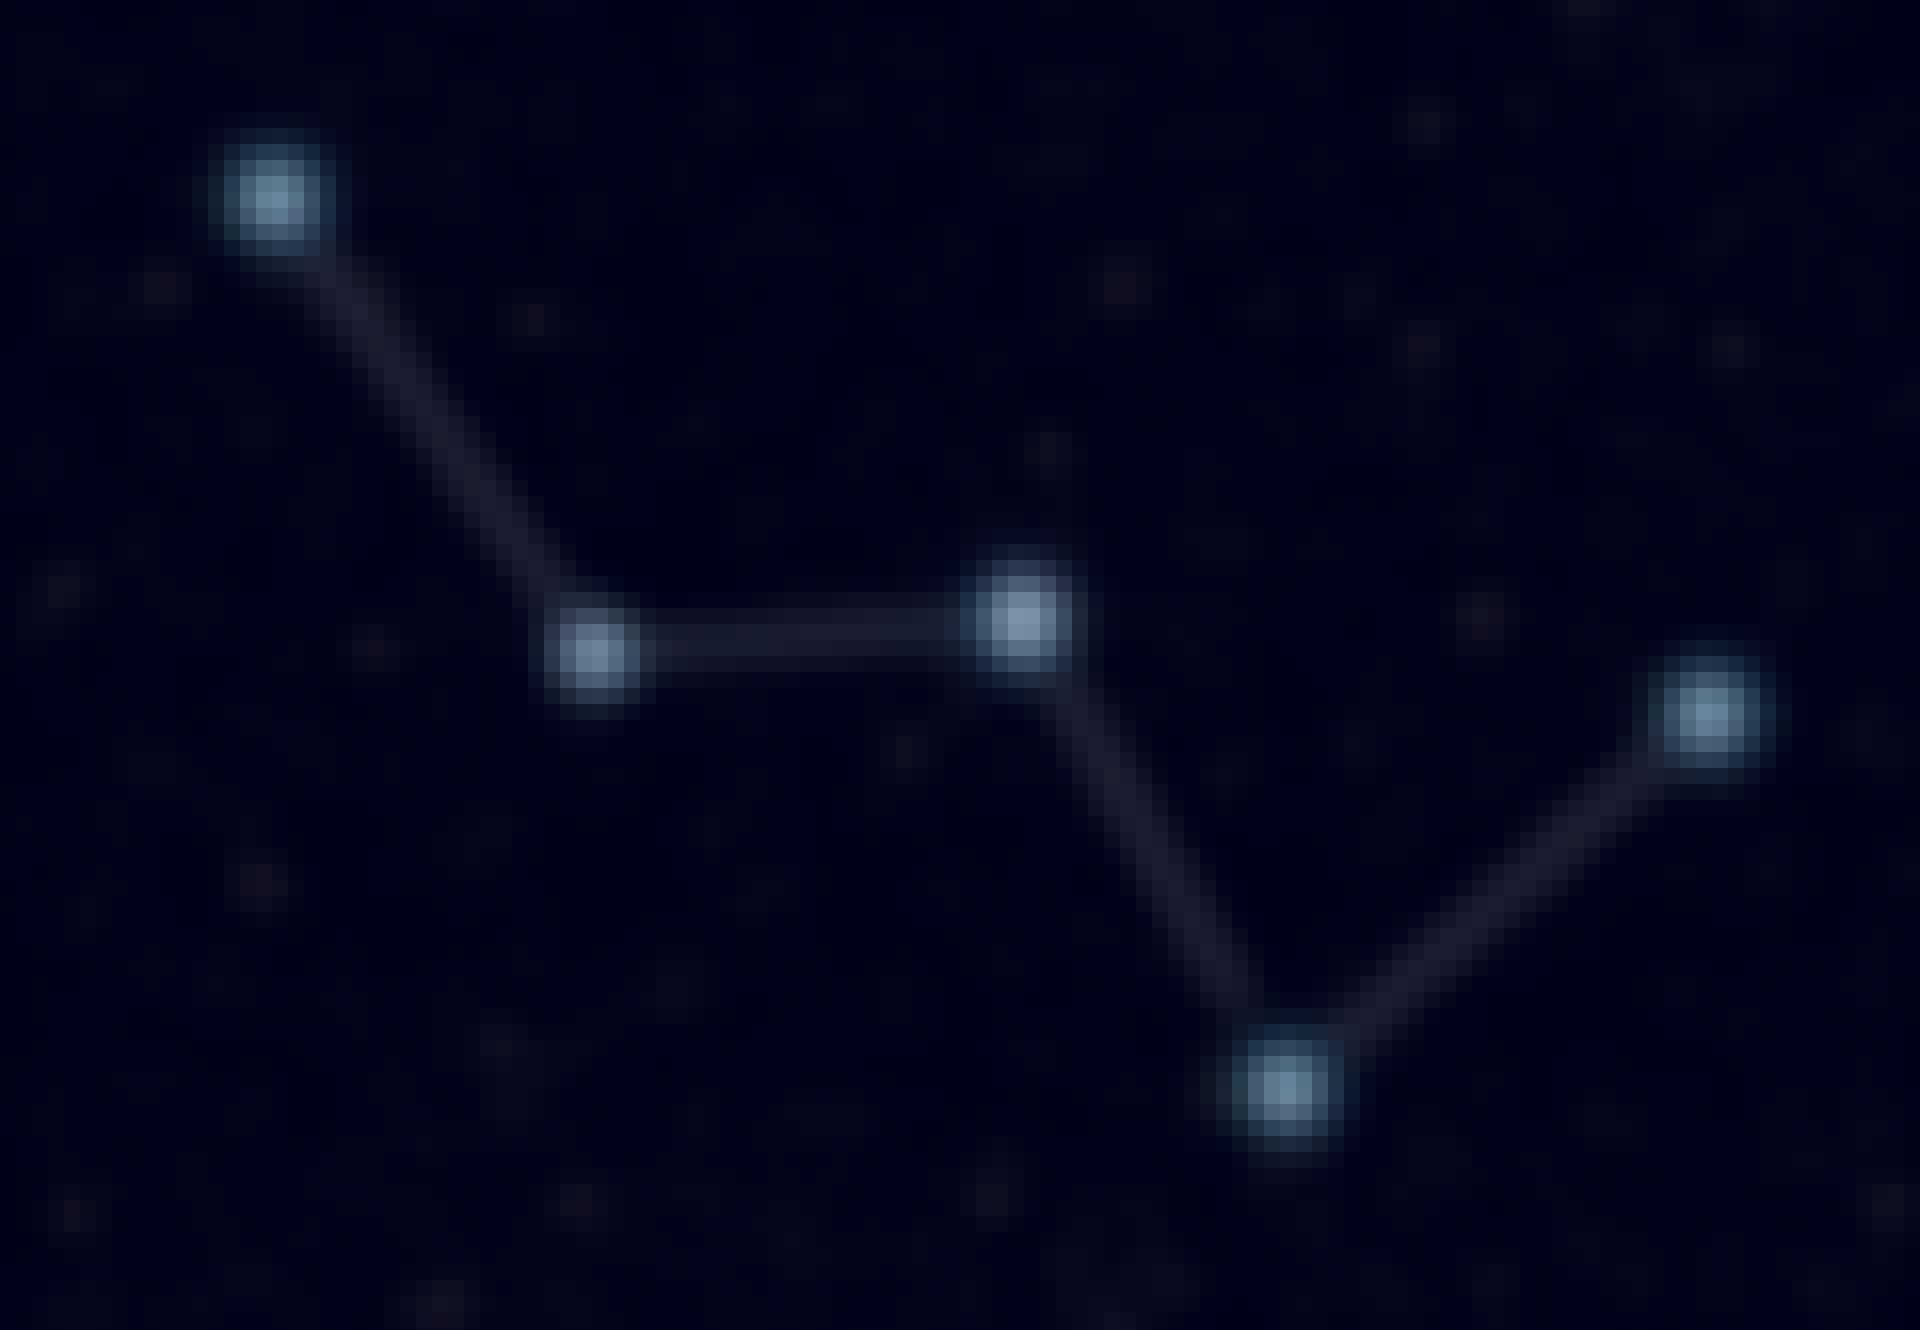 Stjärnbilden Cassiopeja